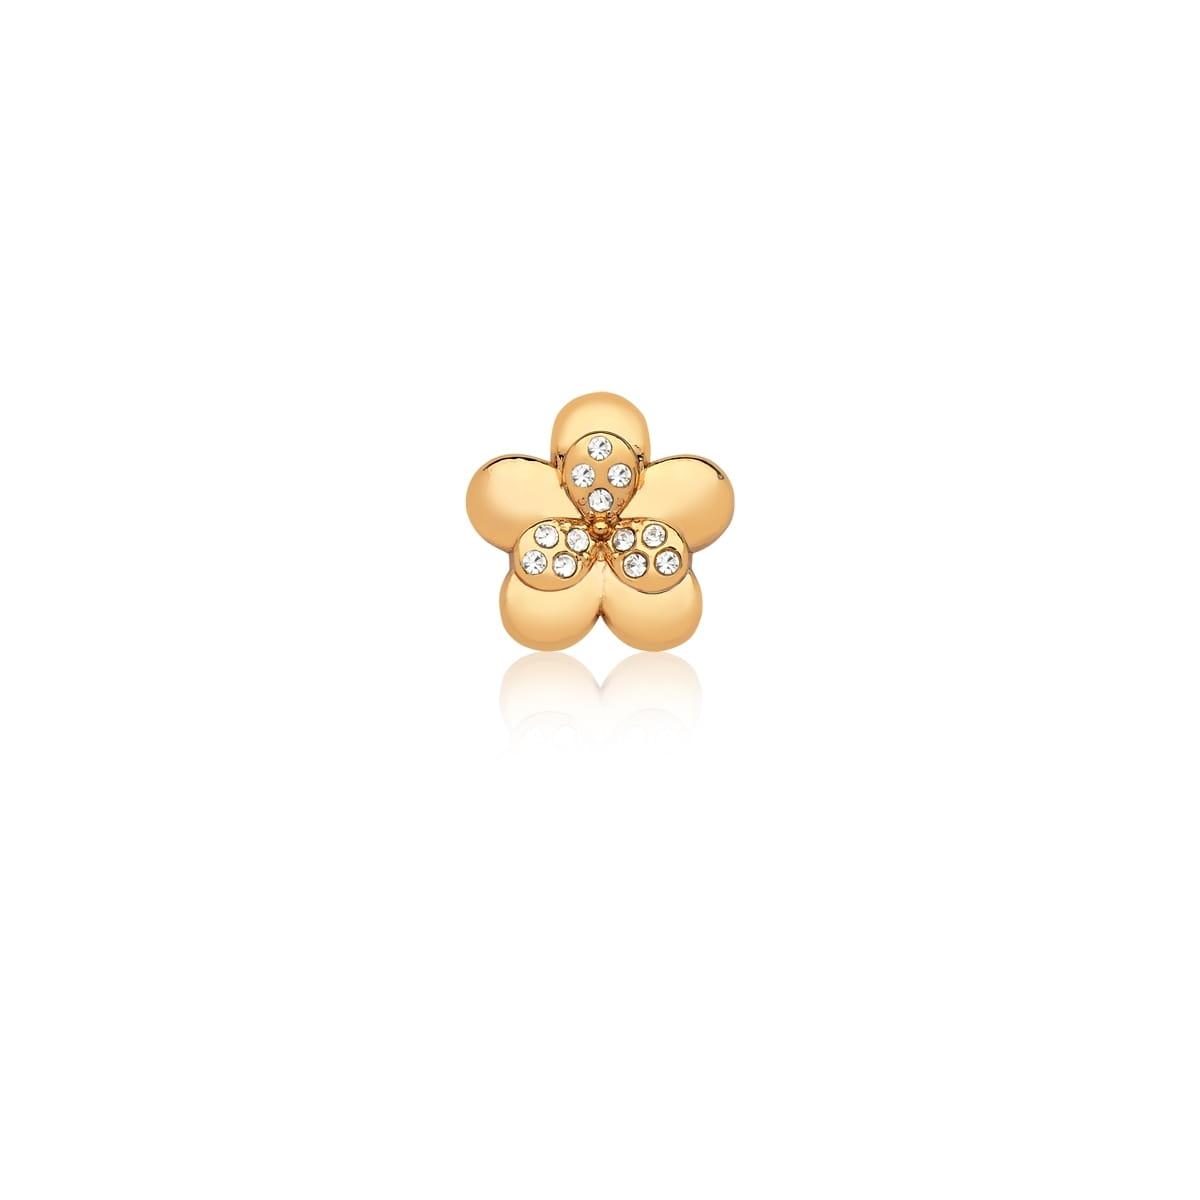 Pingente Esteira de Flor com Strass Branco em Aço Dourado